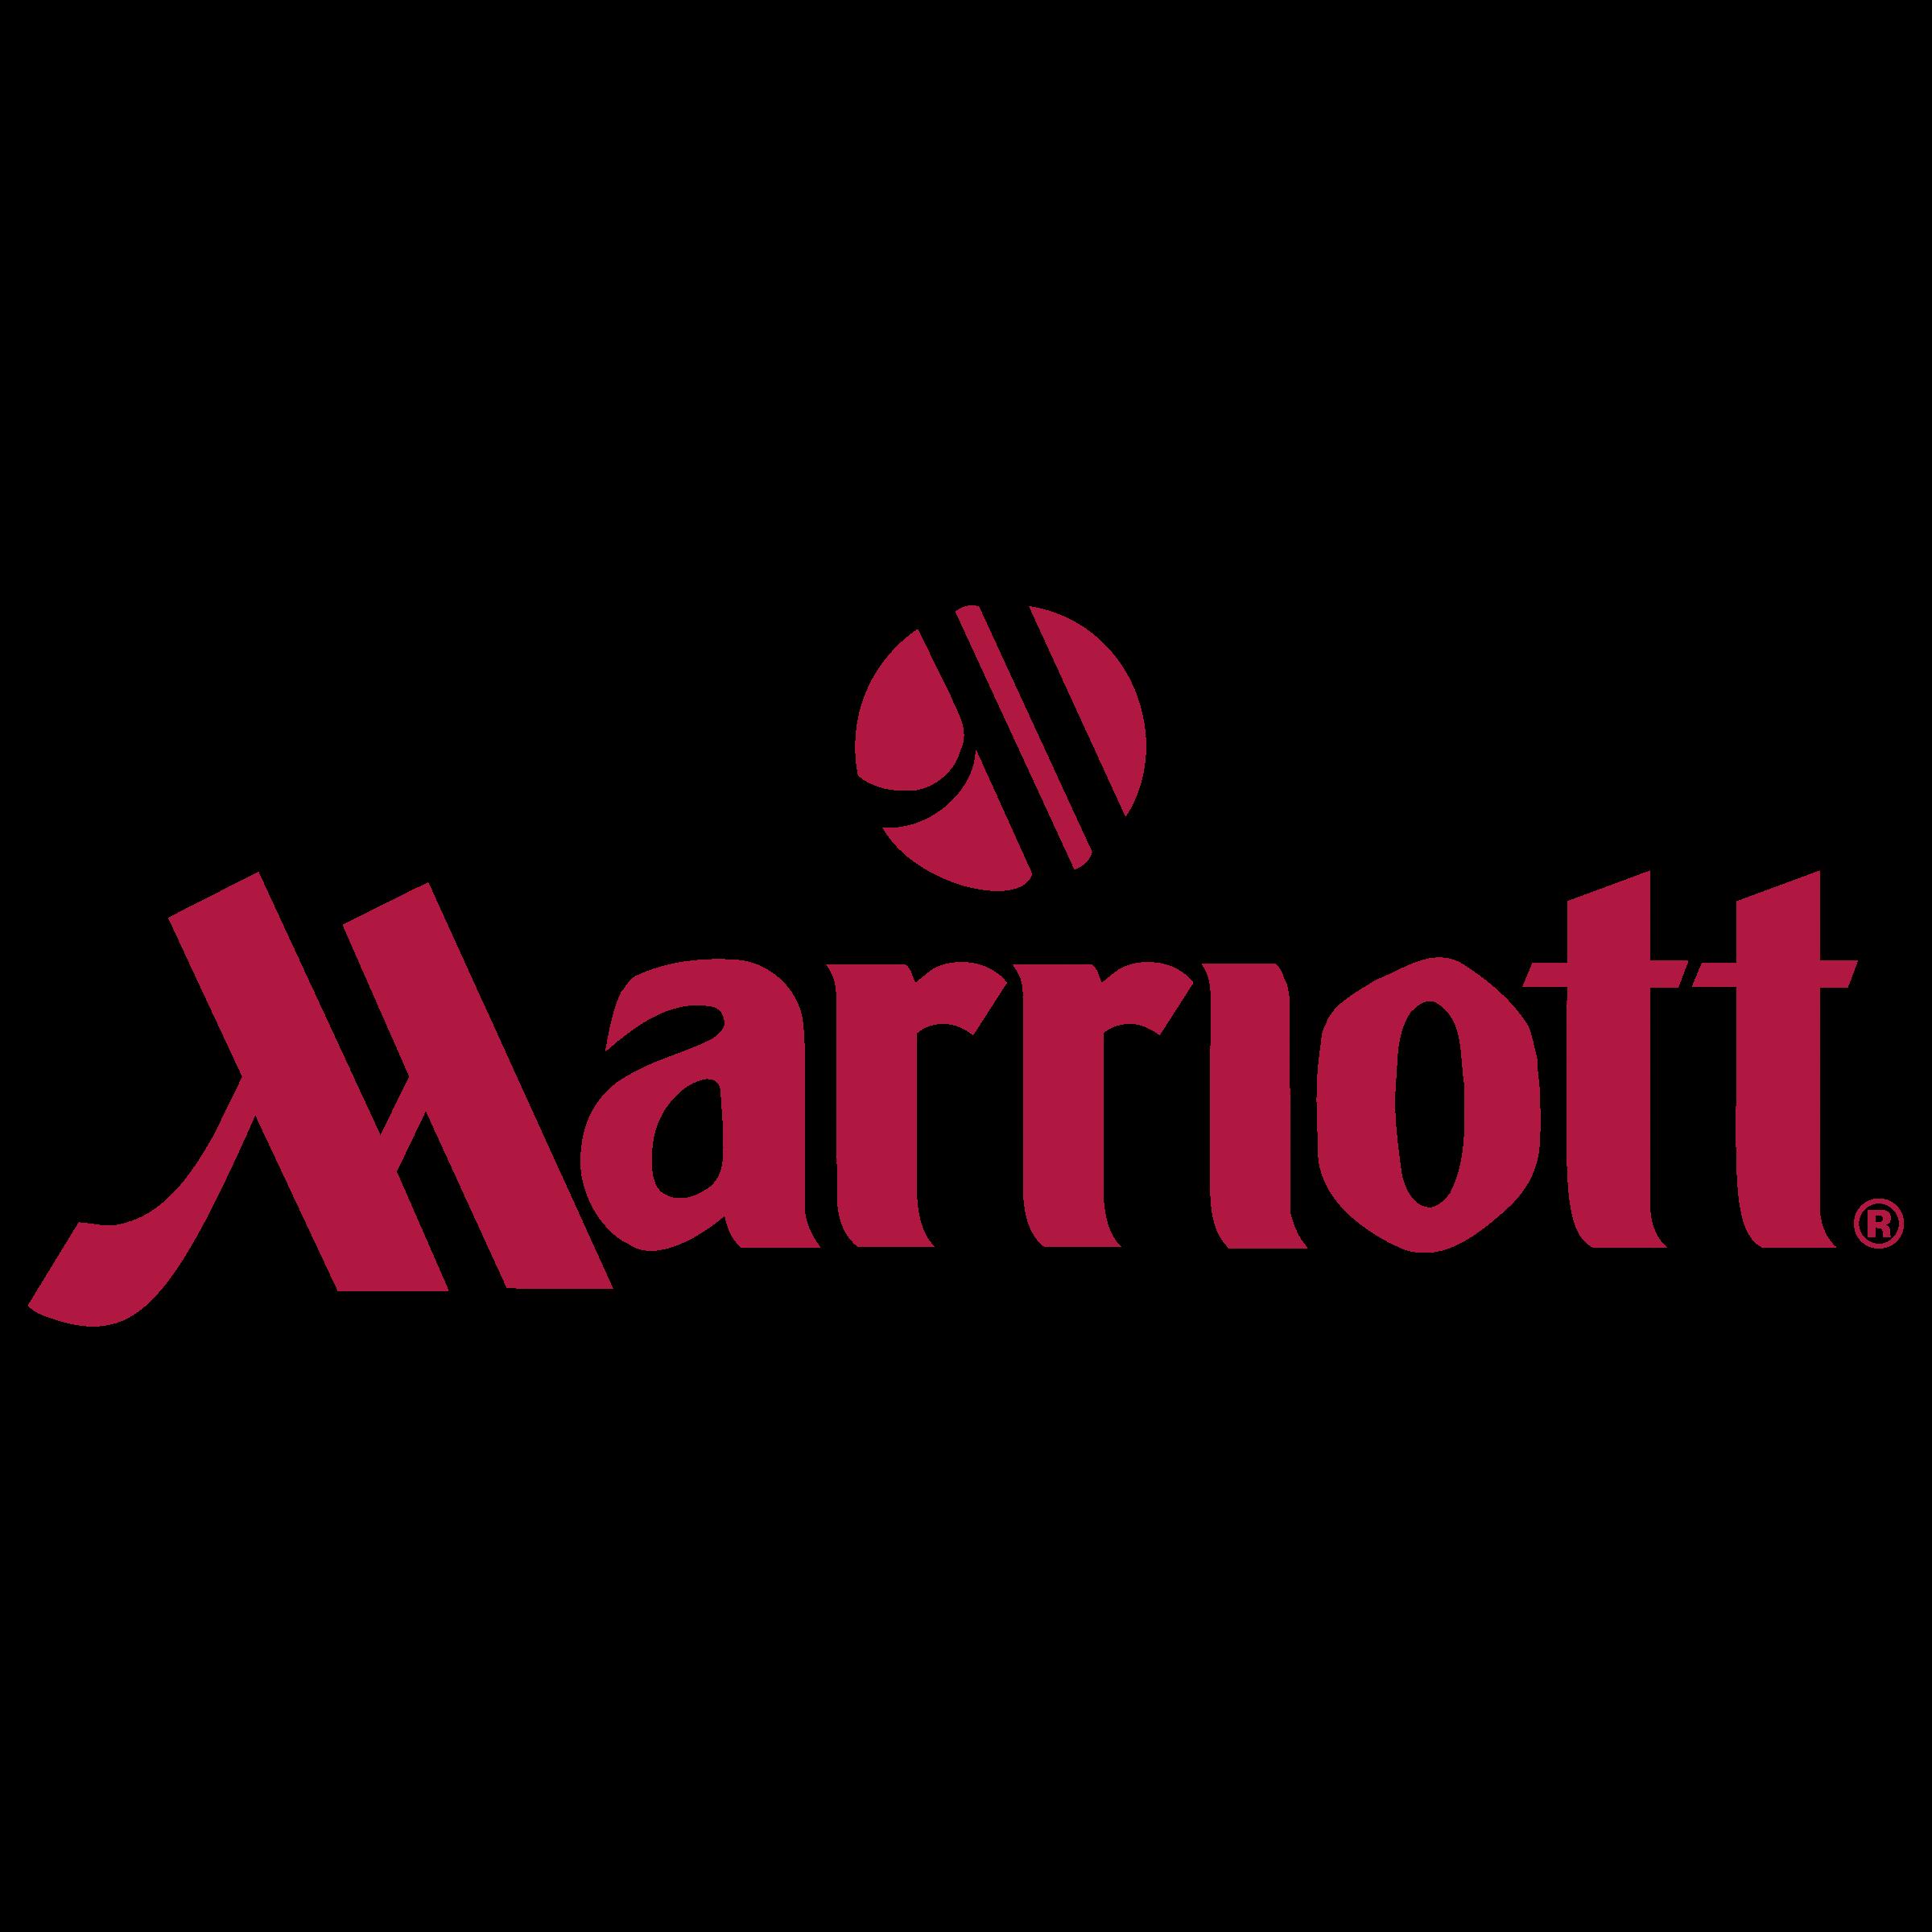 marriott-logo-png-transparent.png